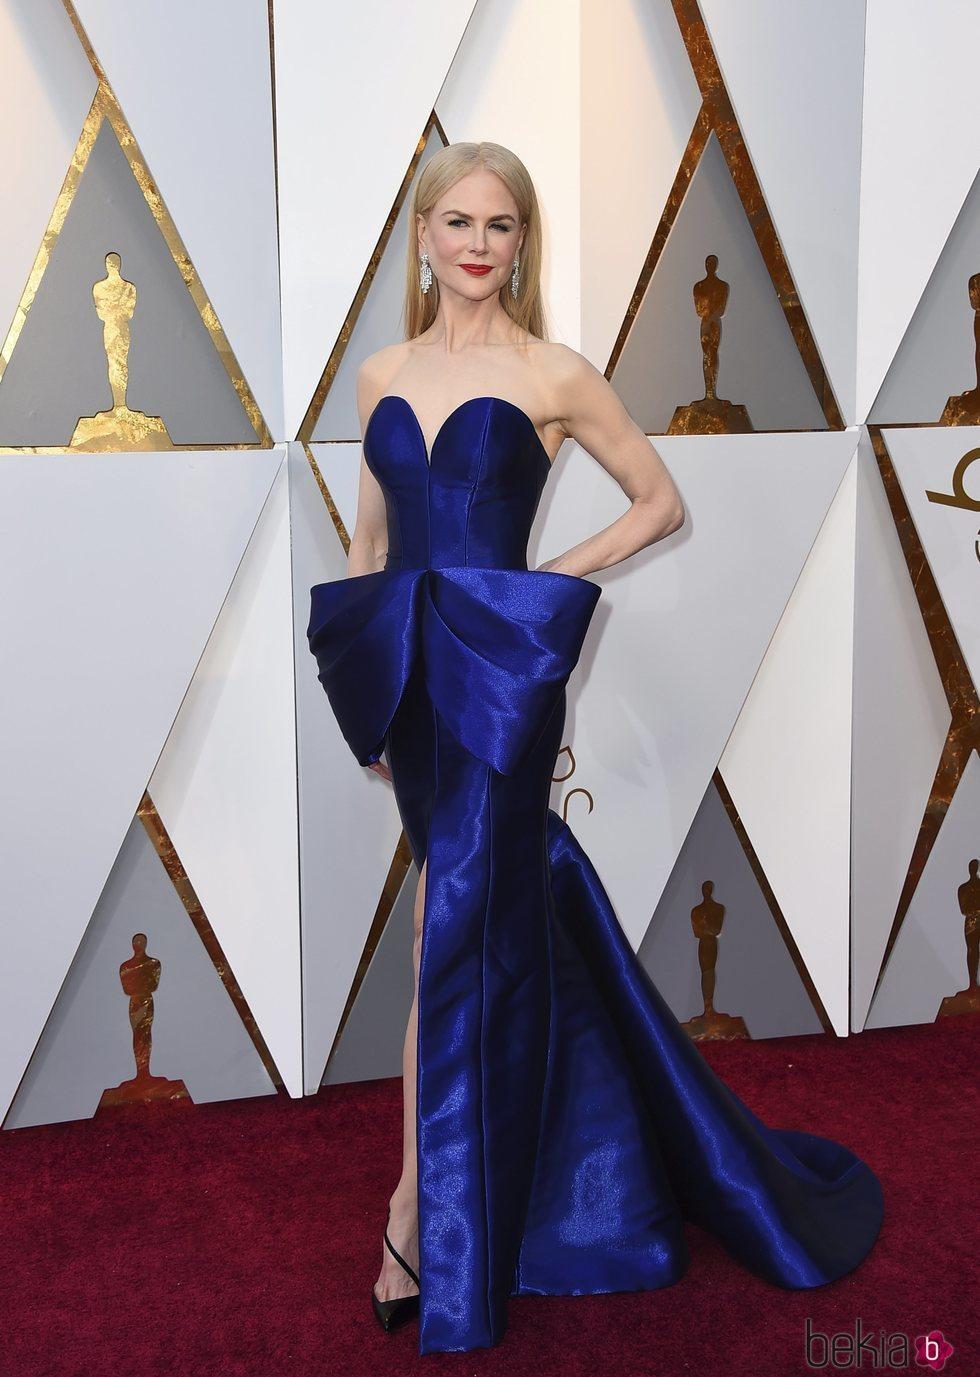 Nicole Kidman en la alfombra roja de los Premios Oscar 2018